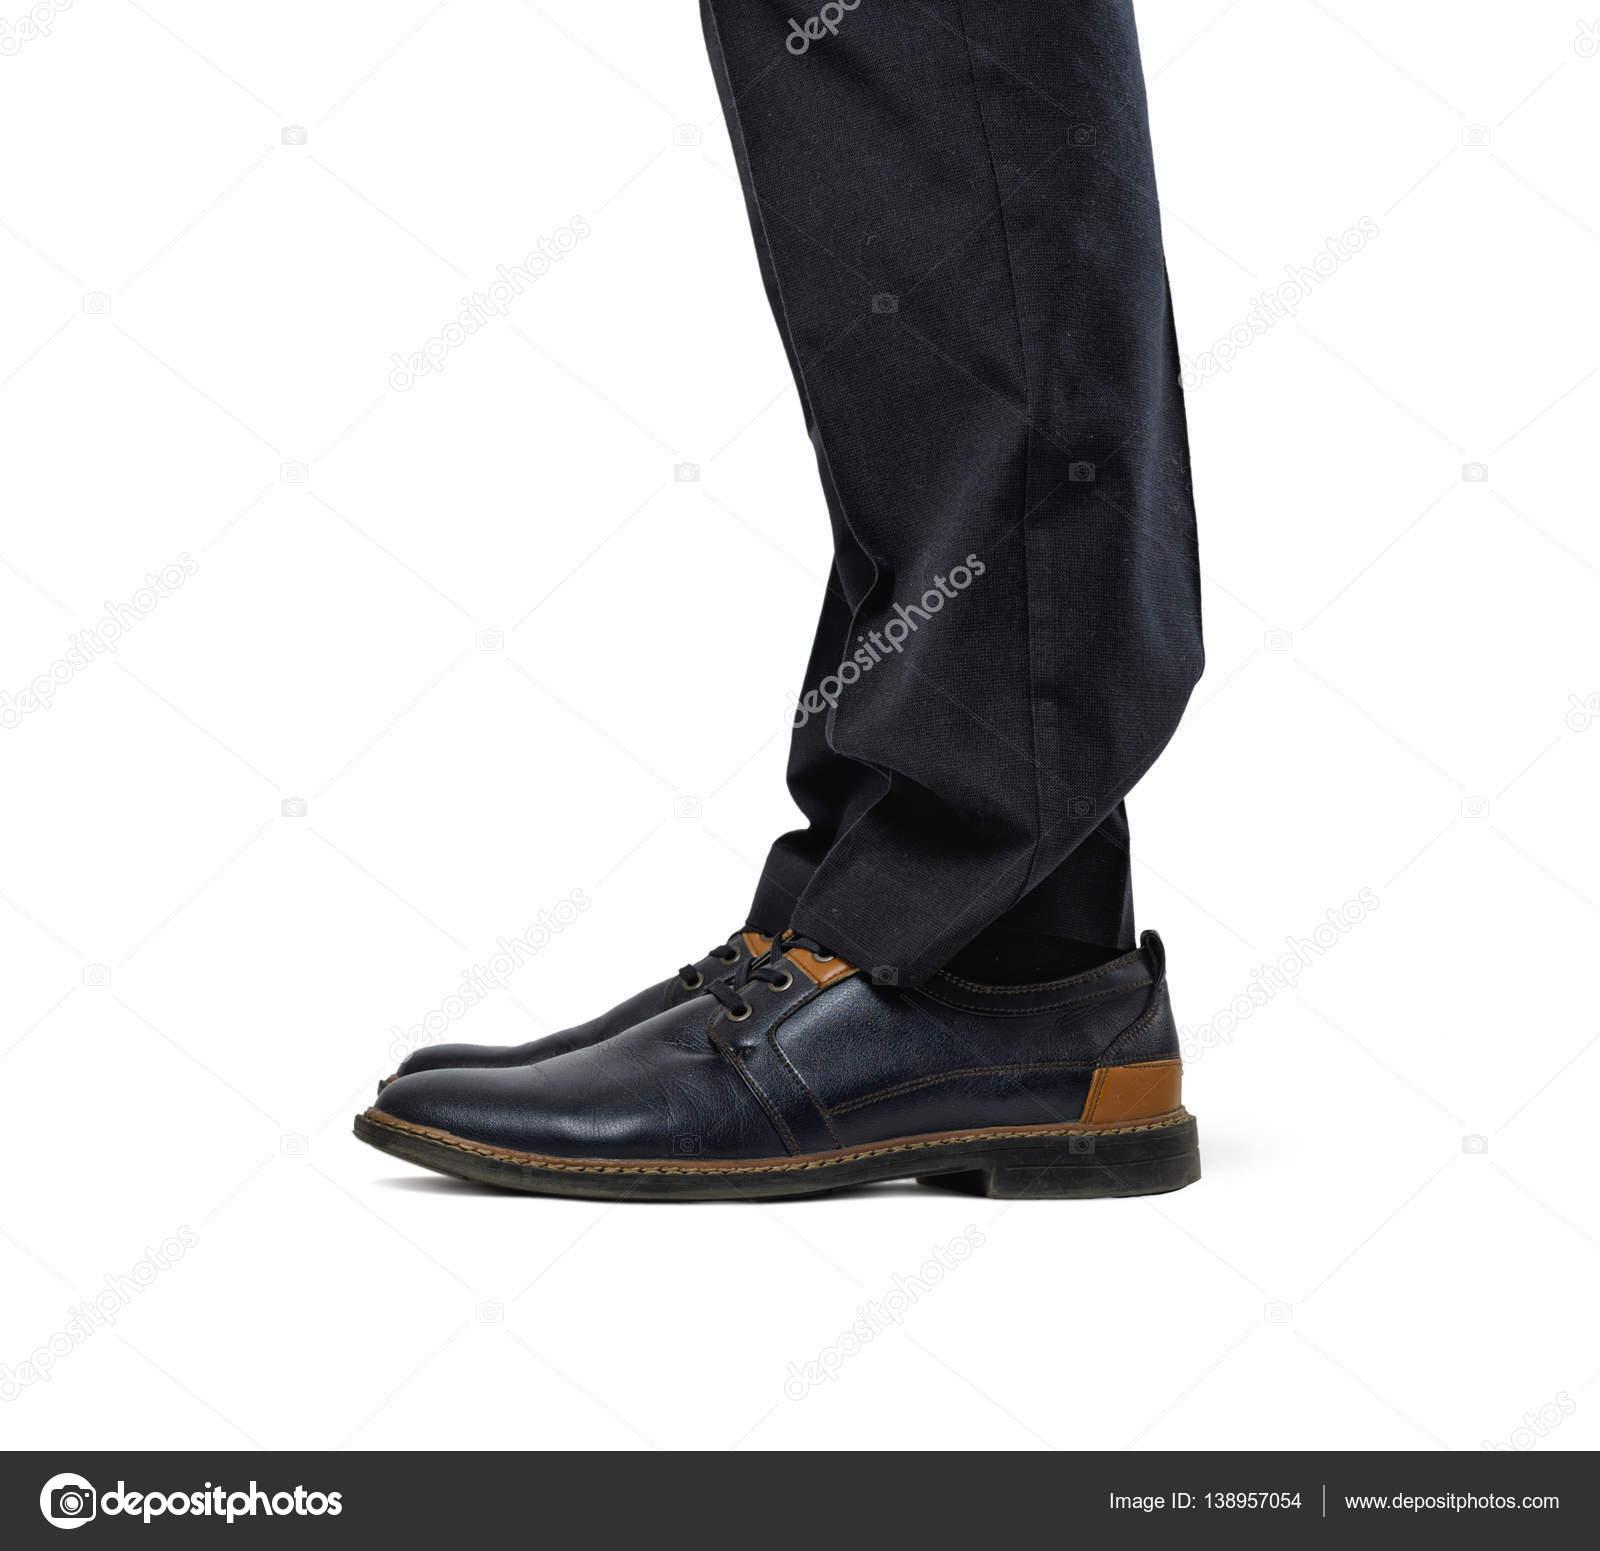 b812f169 Dwa mans stopy w modne buty i czarne spodnie na białym tle na białym ...